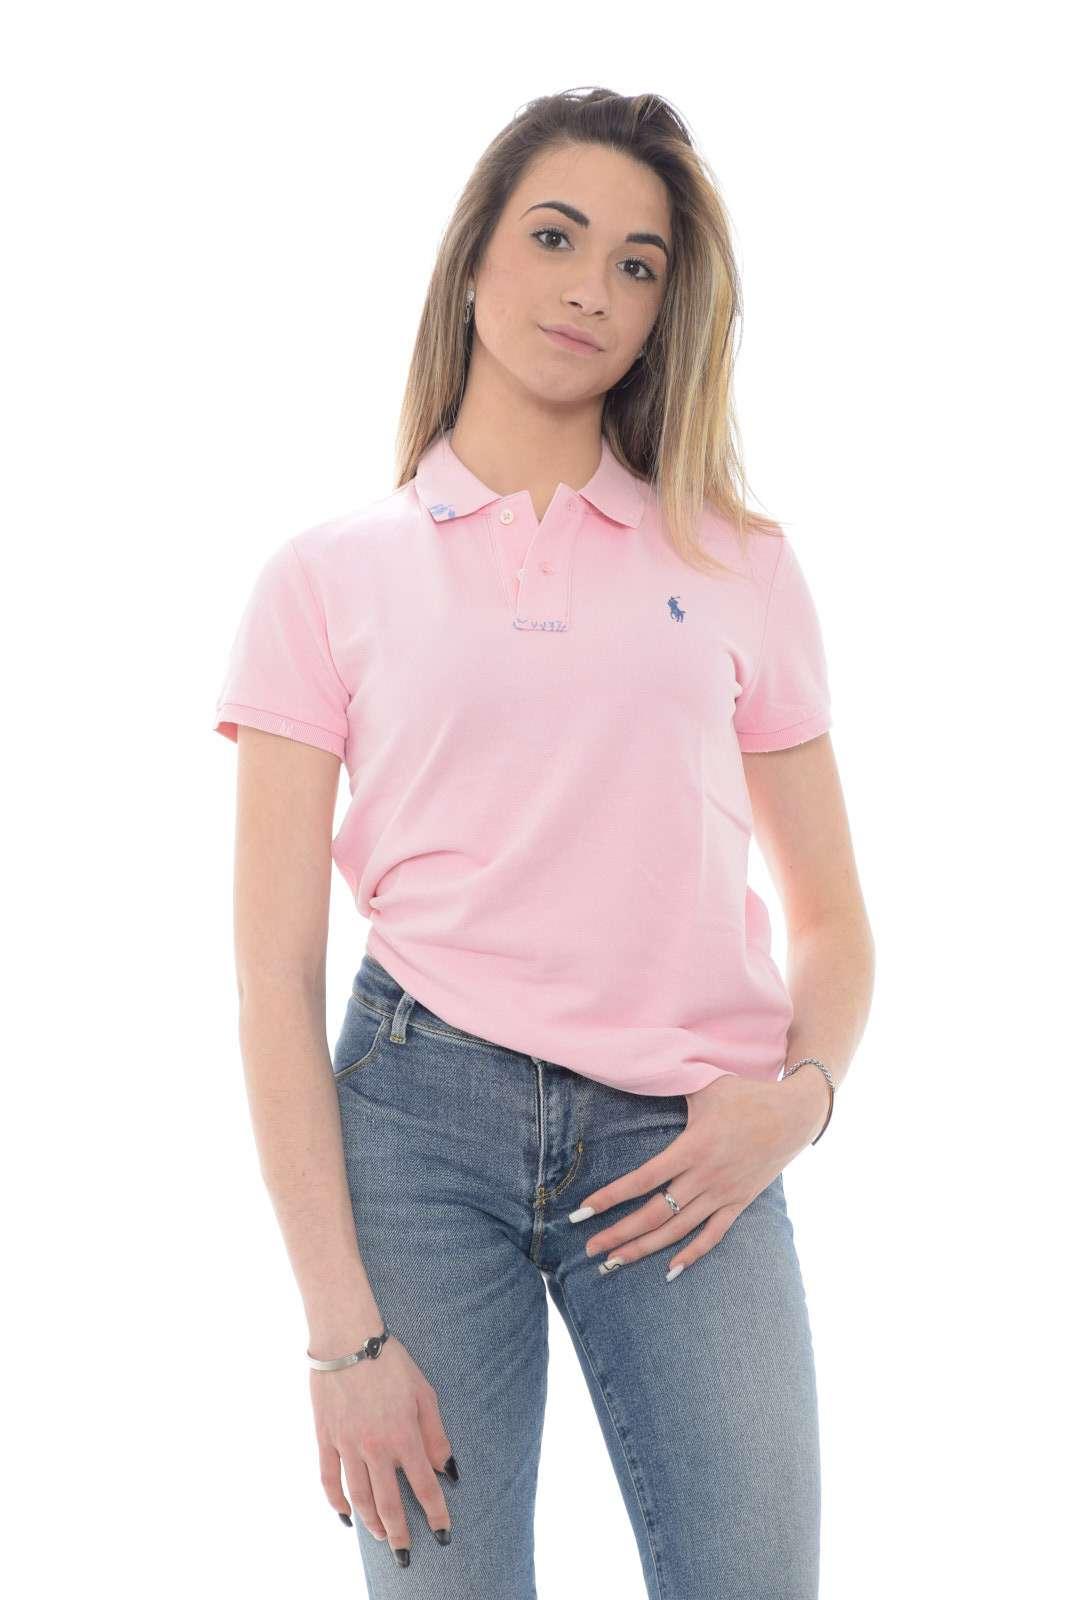 Polo classica e alla moda, per outfit quotidiani trendy ed evergreen, quella firmata Polo Ralph Lauren. Da abbinare ad un semplice jeans, per look casual e impeccabili.